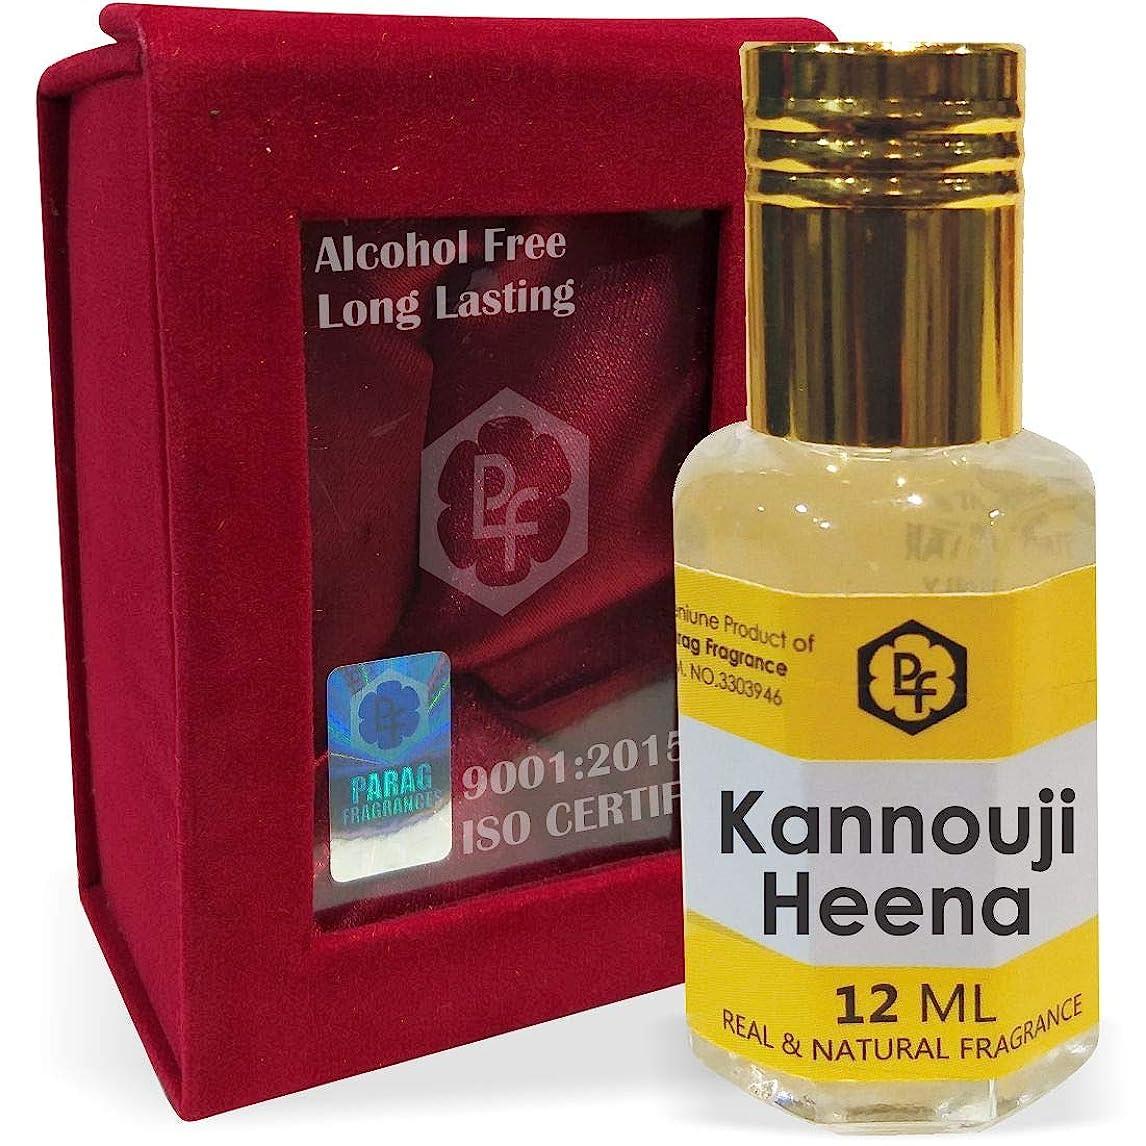 近代化する皮サーマル手作りのベルベットボックスParagフレグランスKannouji Heena 12ミリリットルアター/香油/(インドの伝統的なBhapka処理方法により、インド製)フレグランスオイル アターITRA最高の品質長持ち